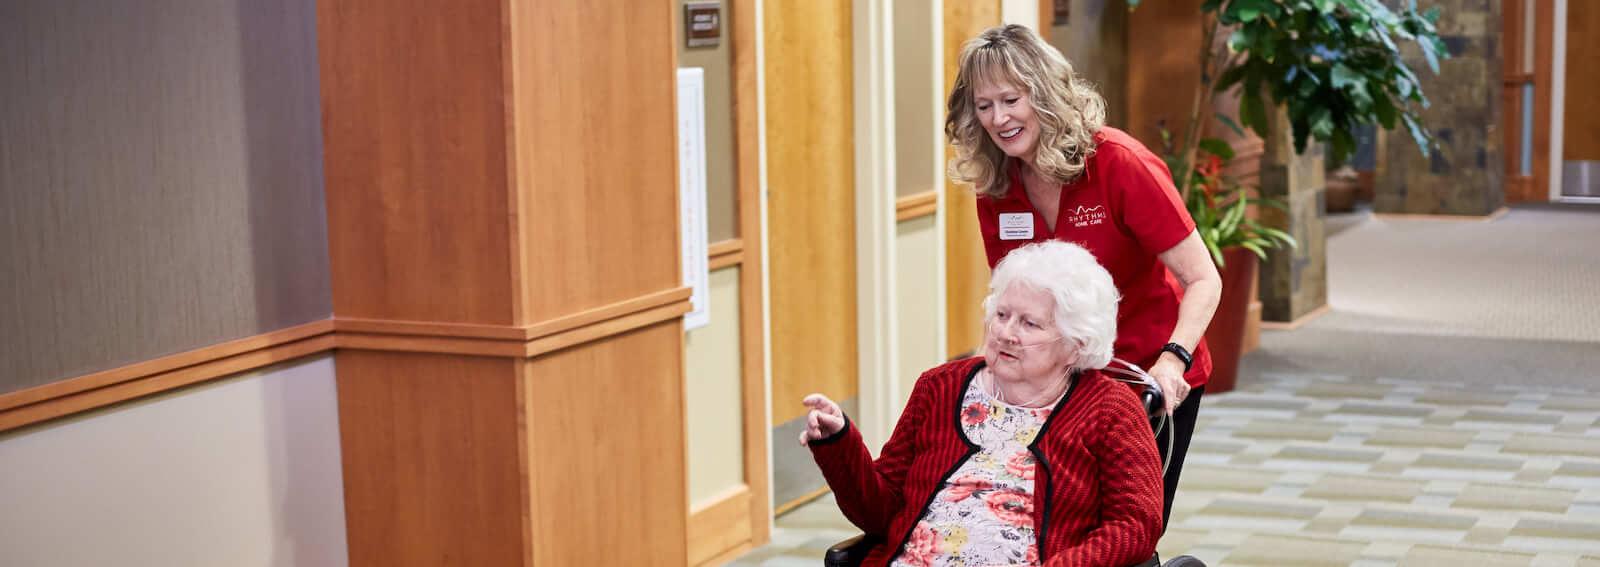 caregiver pushing wheelchair